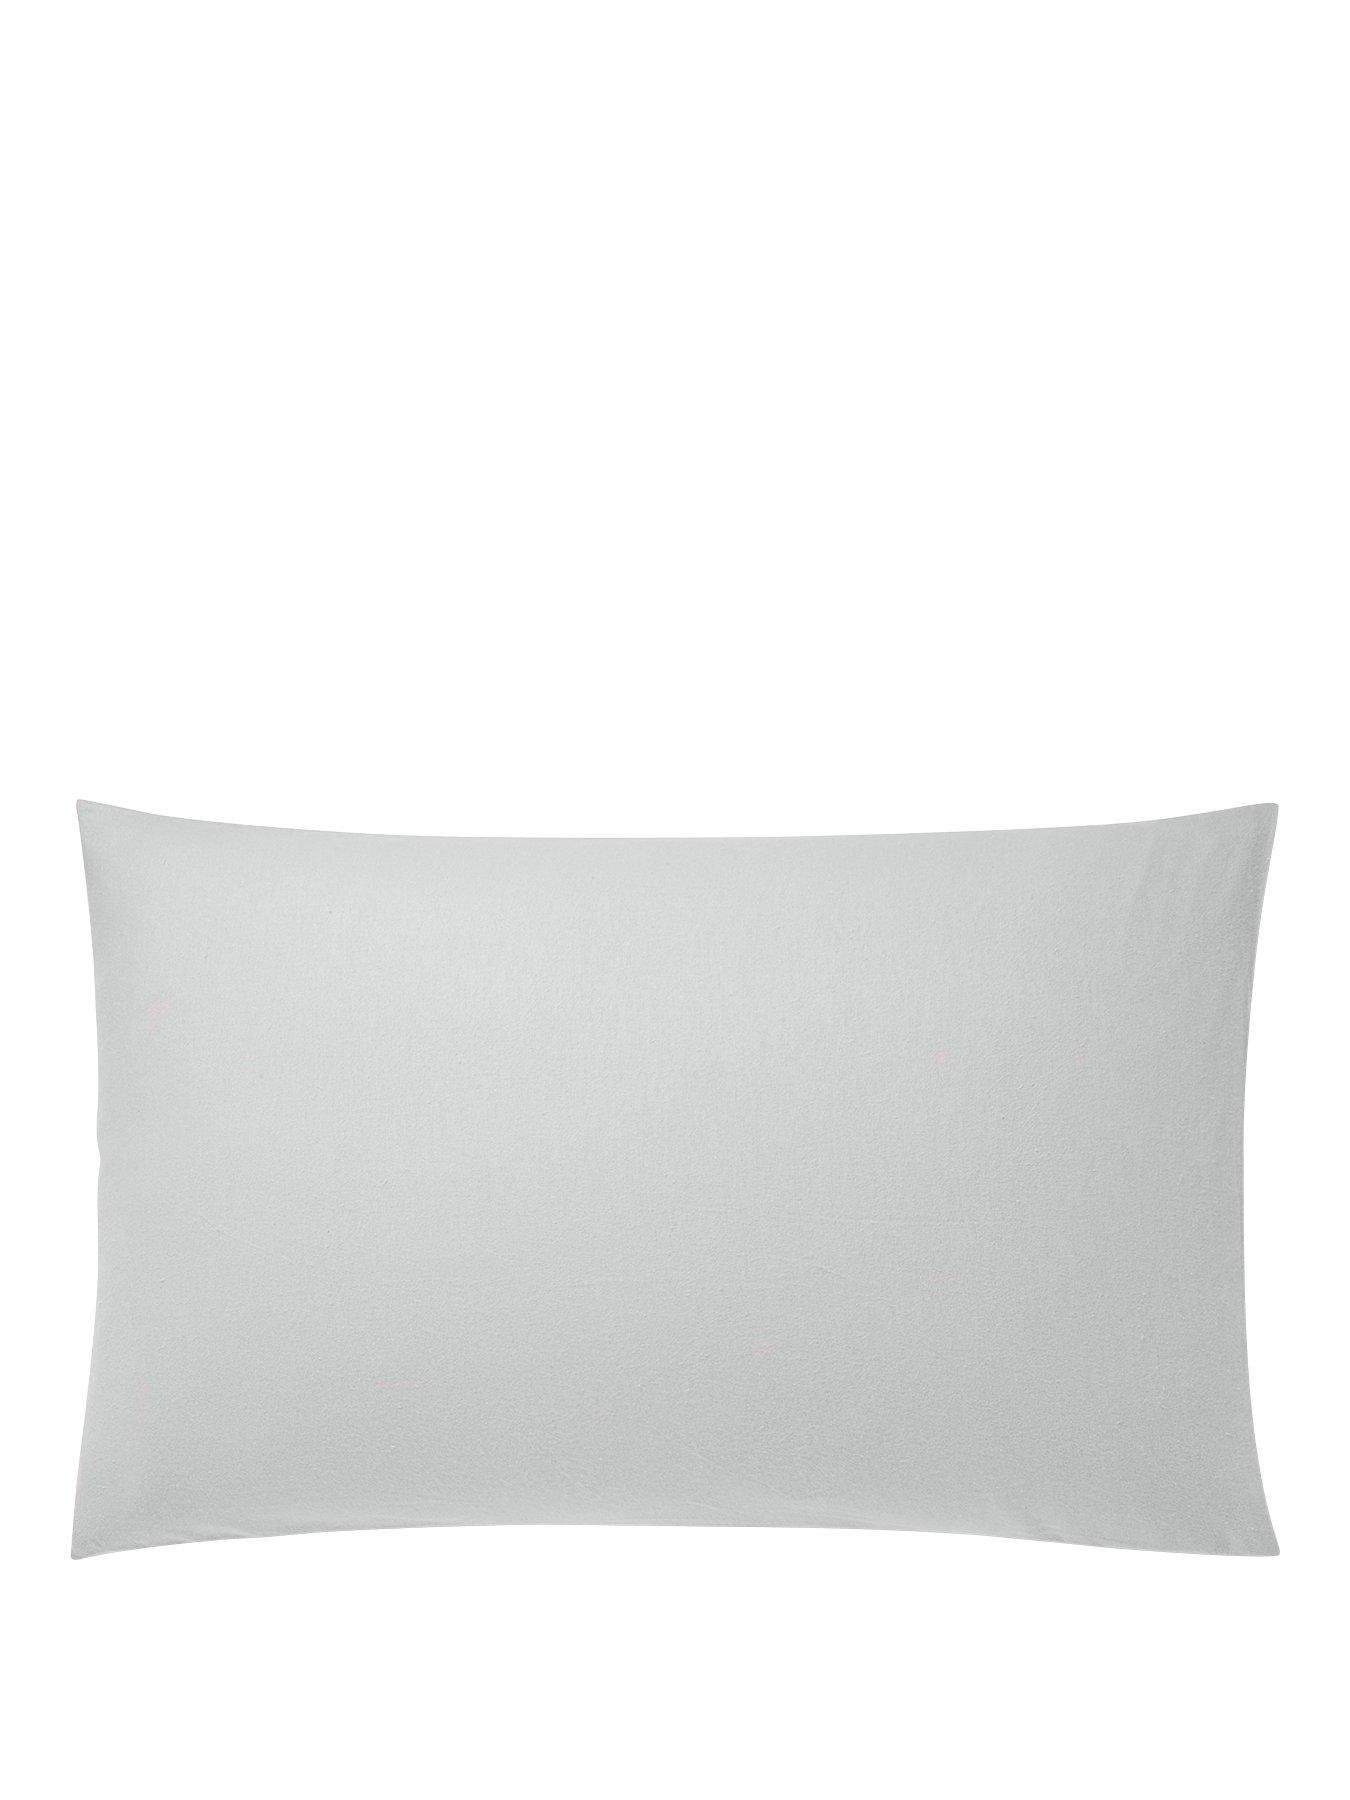 Pillow cases   Bedding   Home & garden